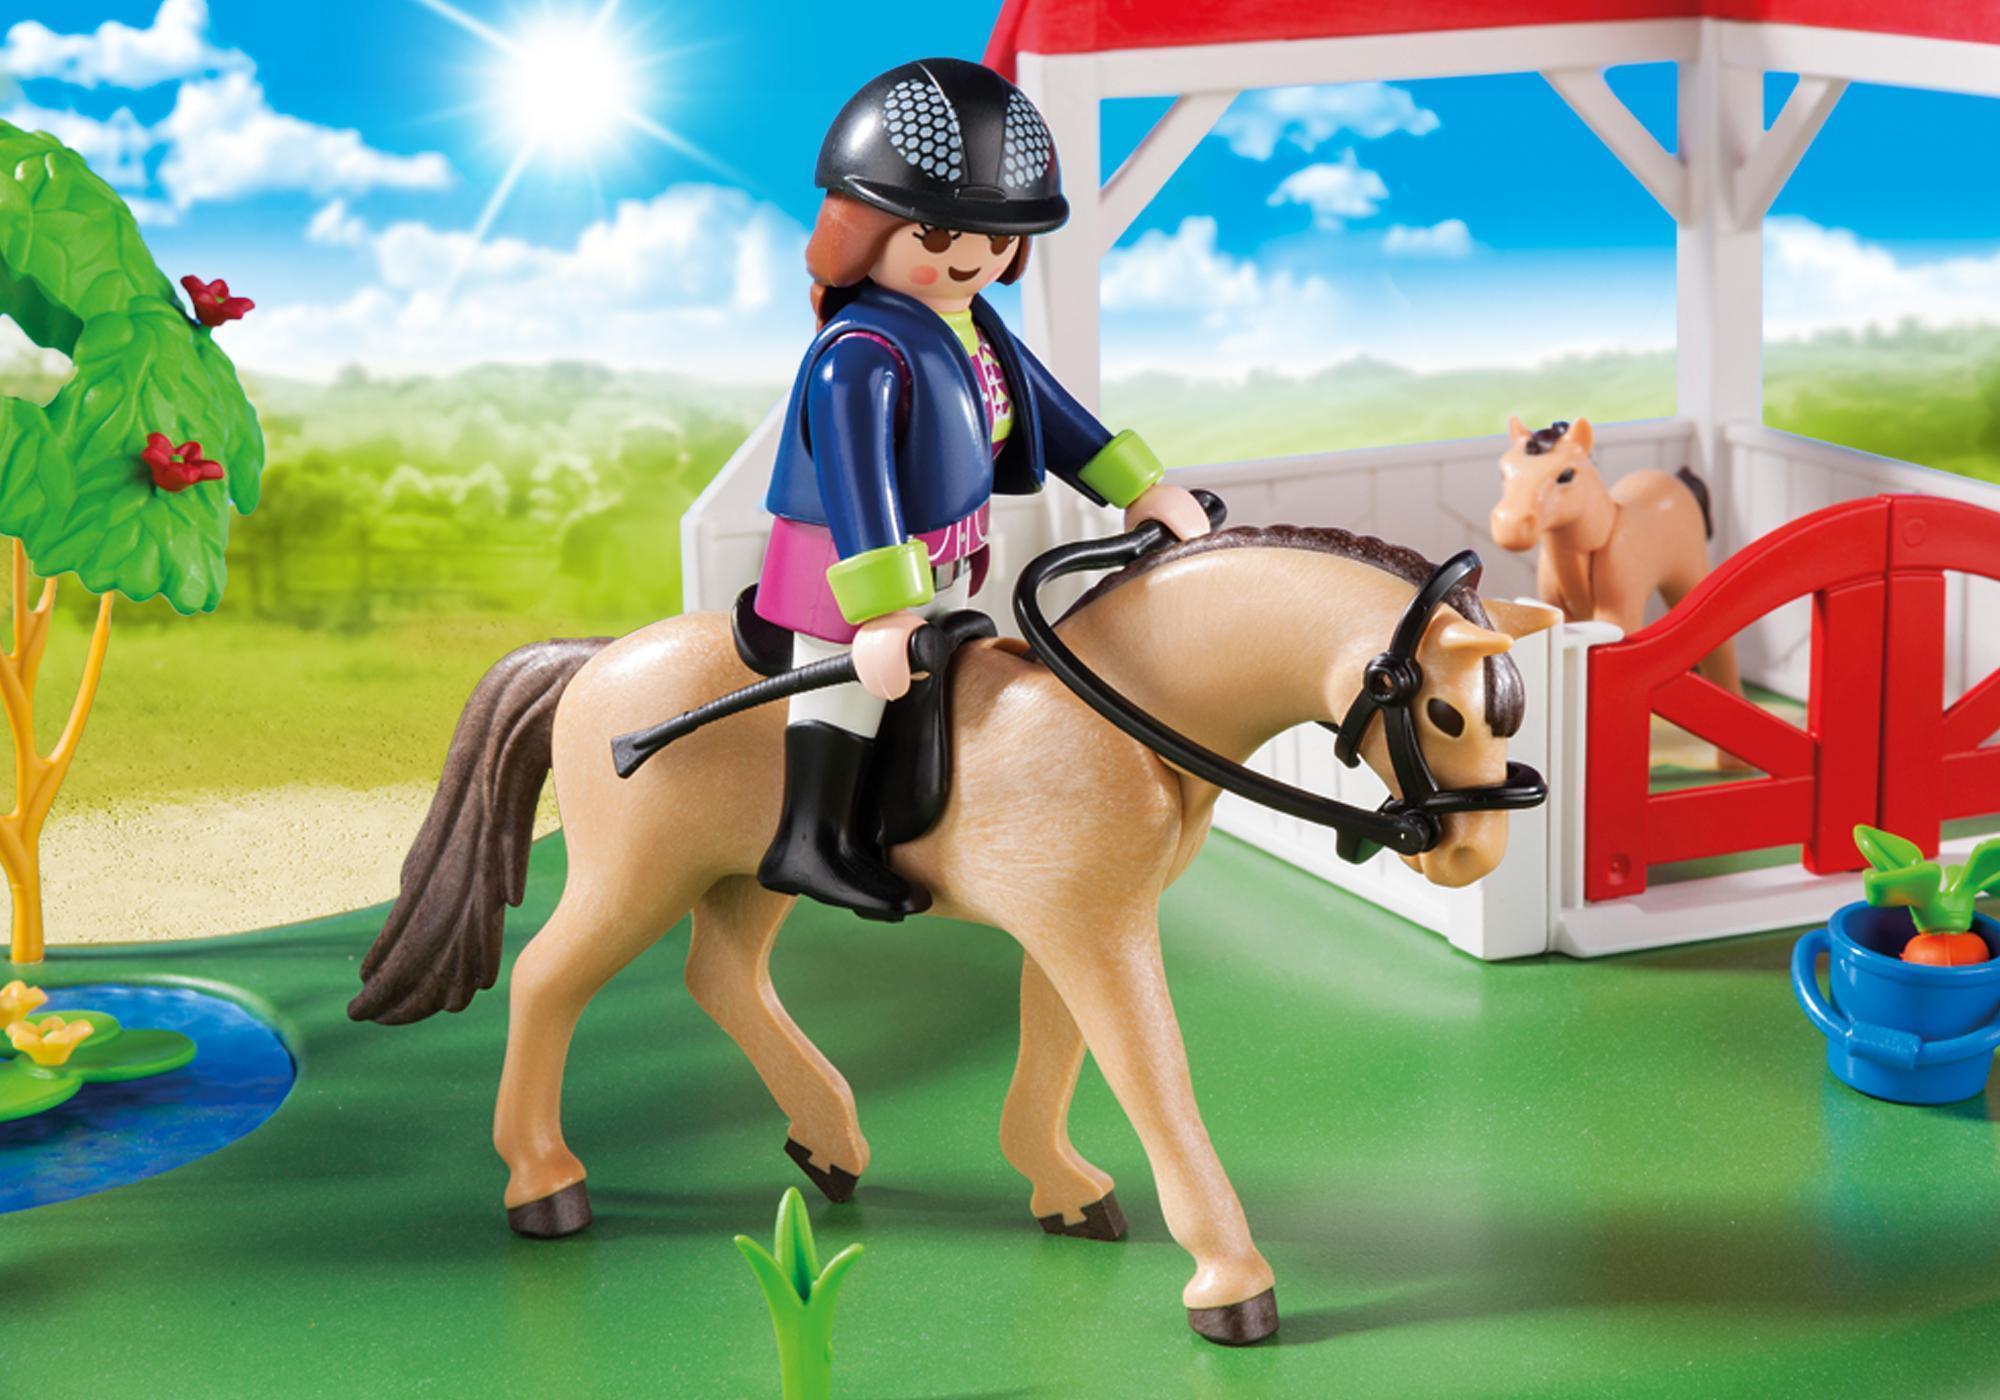 http://media.playmobil.com/i/playmobil/6147_product_extra1/Superset Prado de Caballos